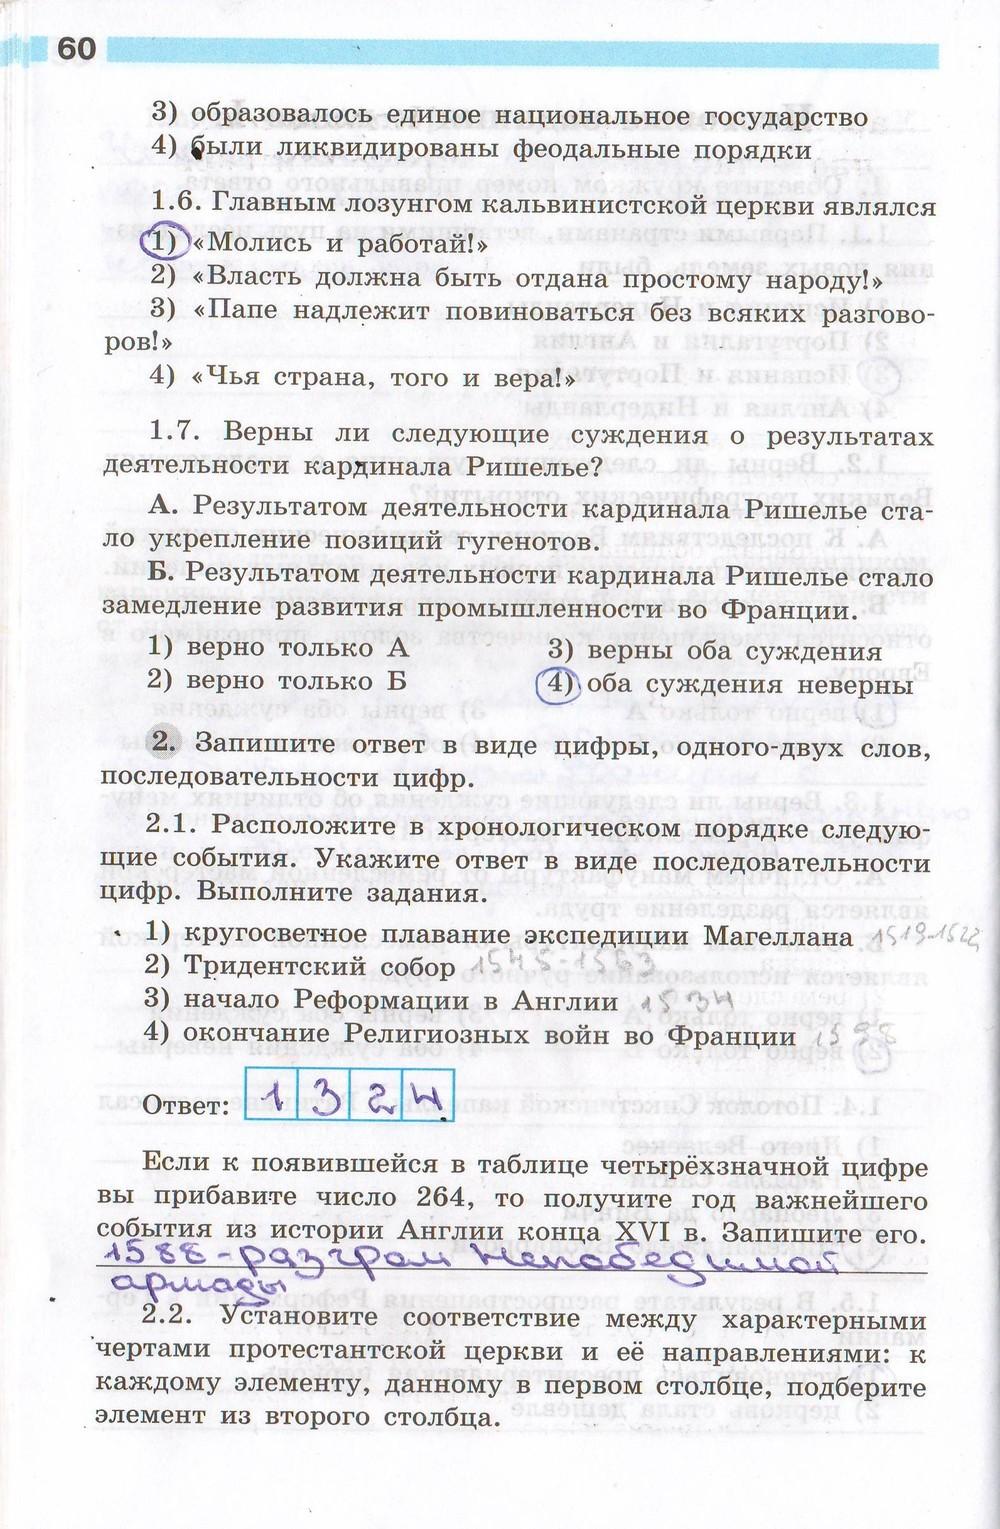 Решебник Для Тетради По Истории 7 Класс Баранов